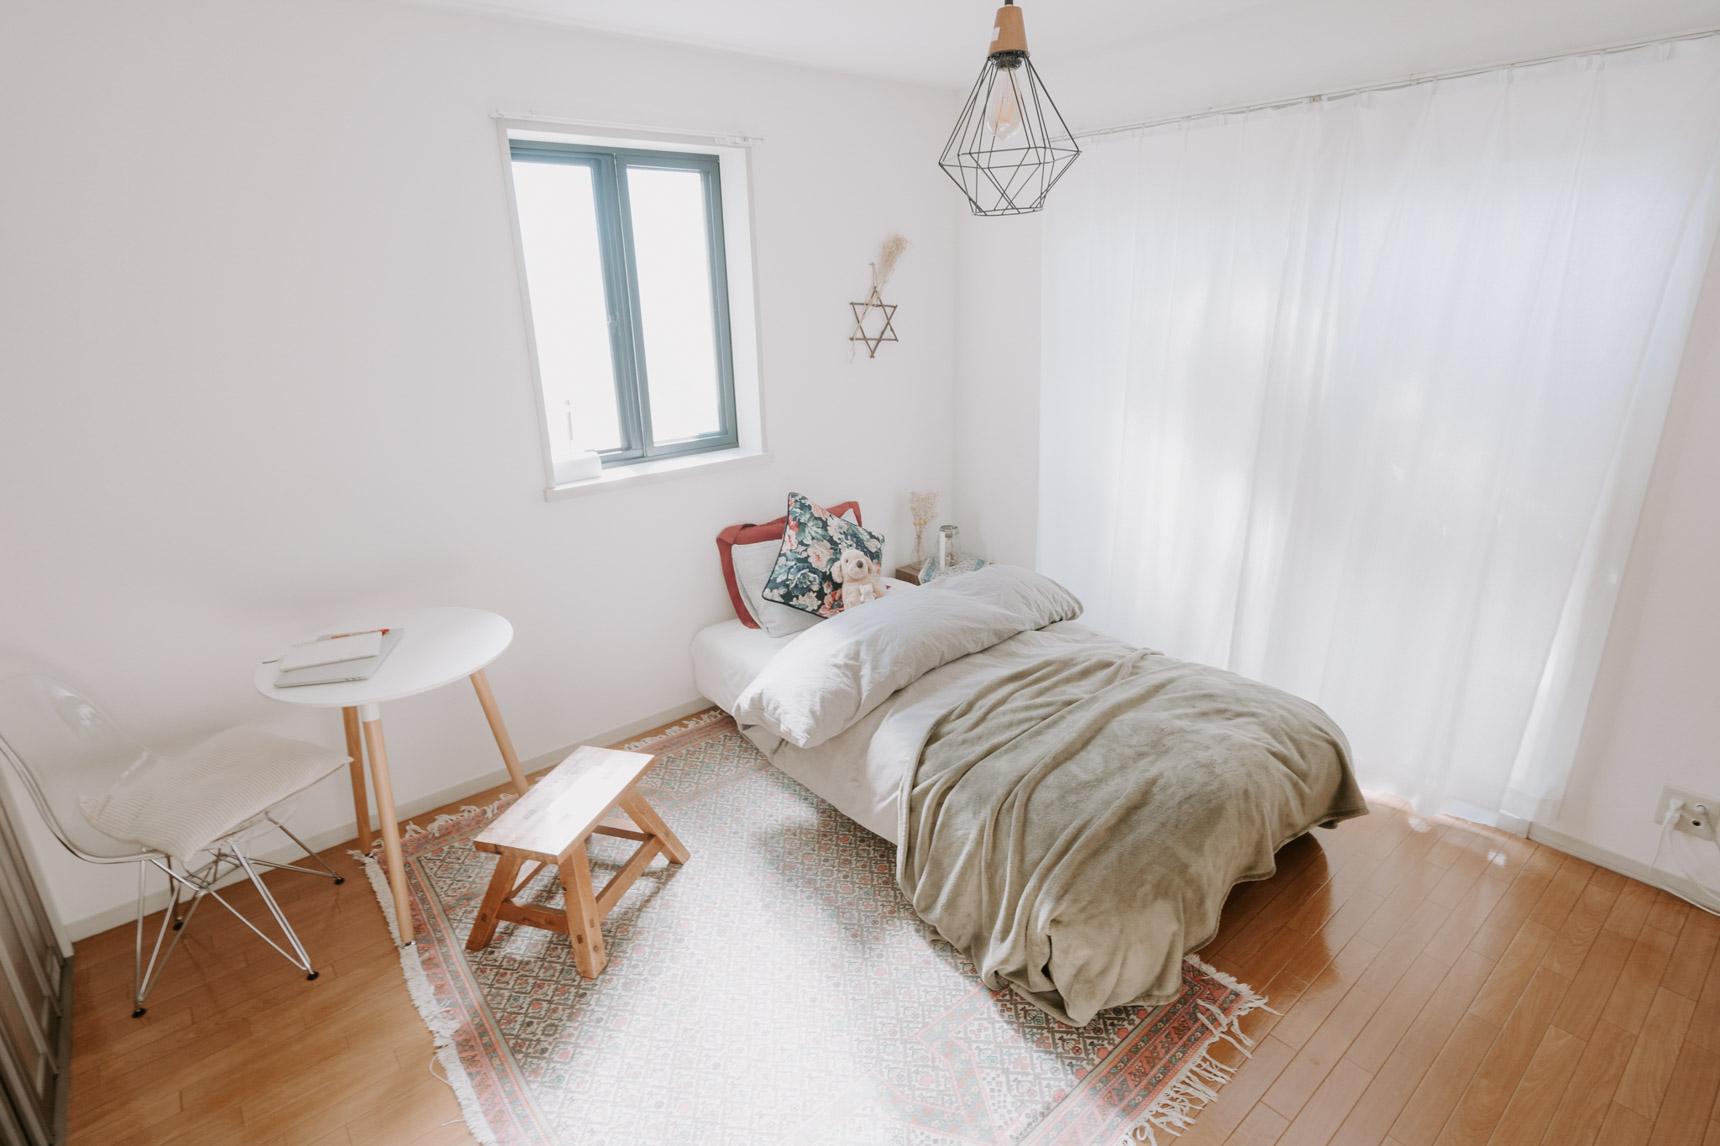 ソファがない分、1人用のダイニングテーブルと、お気に入りのチェアを置いて過ごしている方の事例。こうしてみると分かる通り、空間を広く使うことができていますね。(このお部屋をもっと見る)